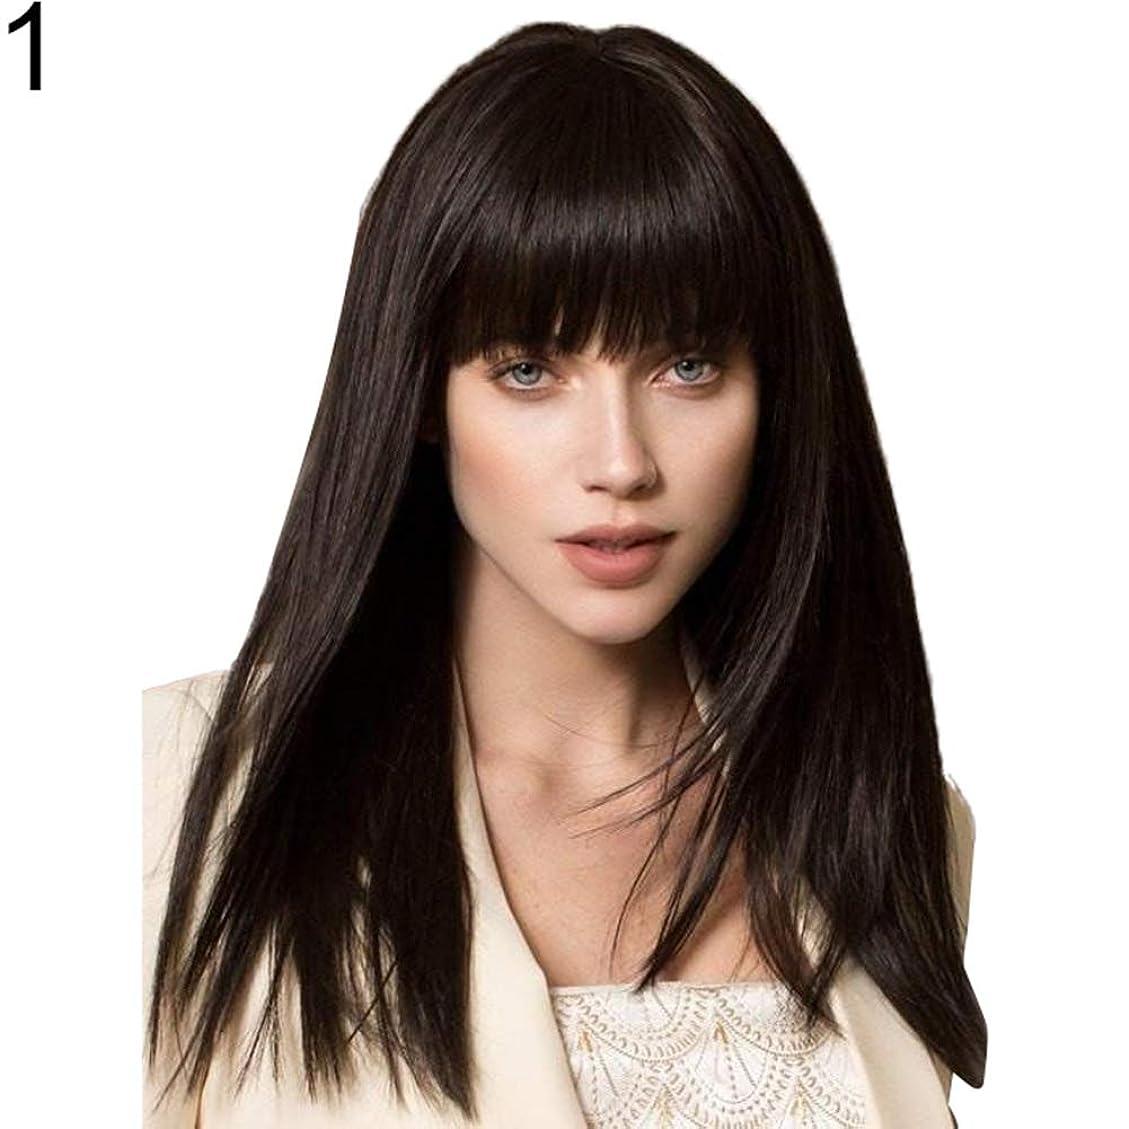 再集計オーブン傾向があるslQinjiansav女性ウィッグ修理ツール高温繊維女性長いストレートブラックブラウンバングウィッグ合成髪